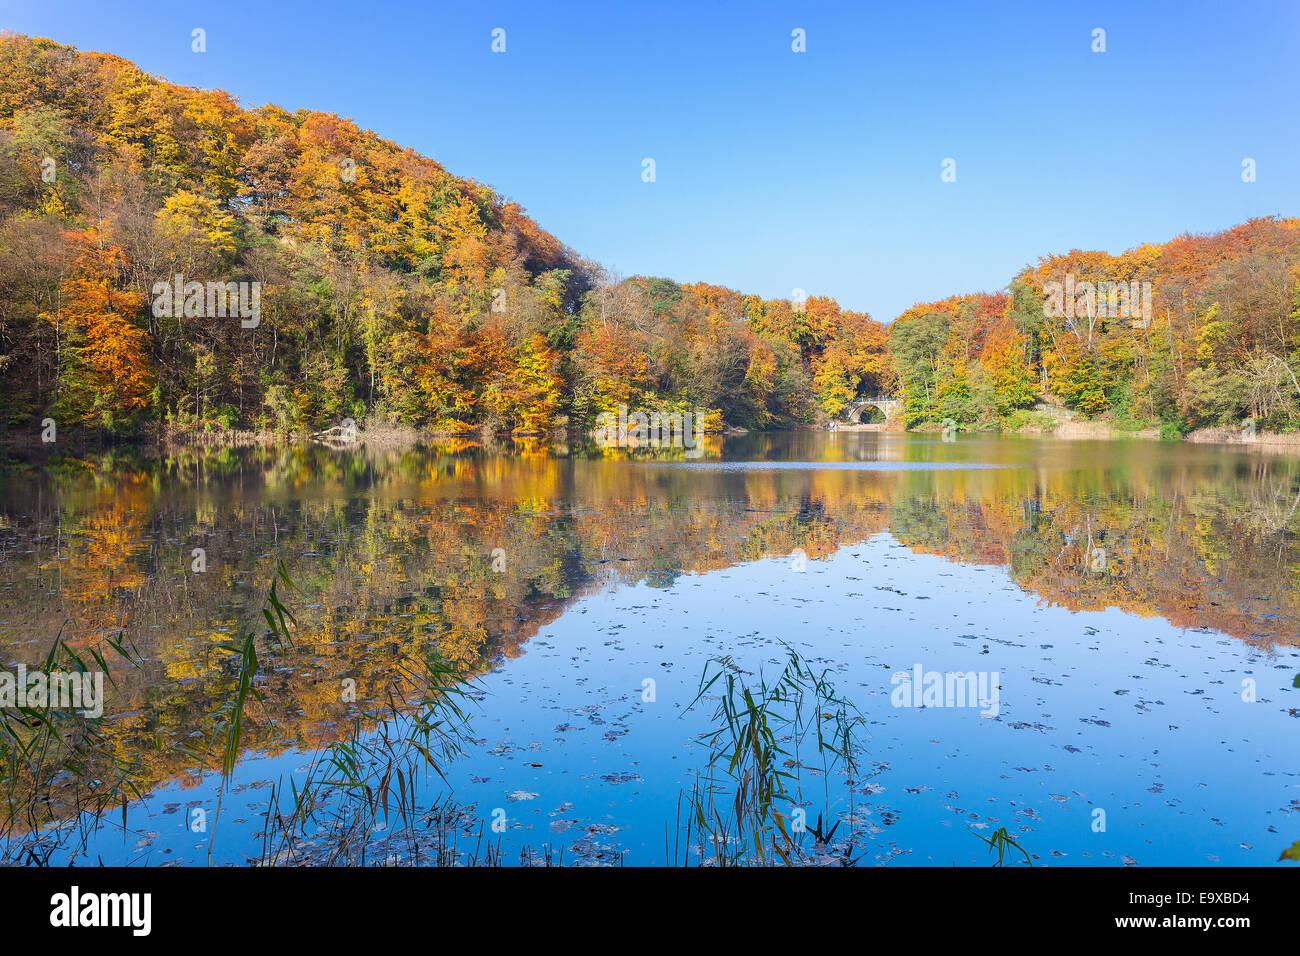 Bunte Herbstlandschaft mit Reflexion in einem See. Stockbild